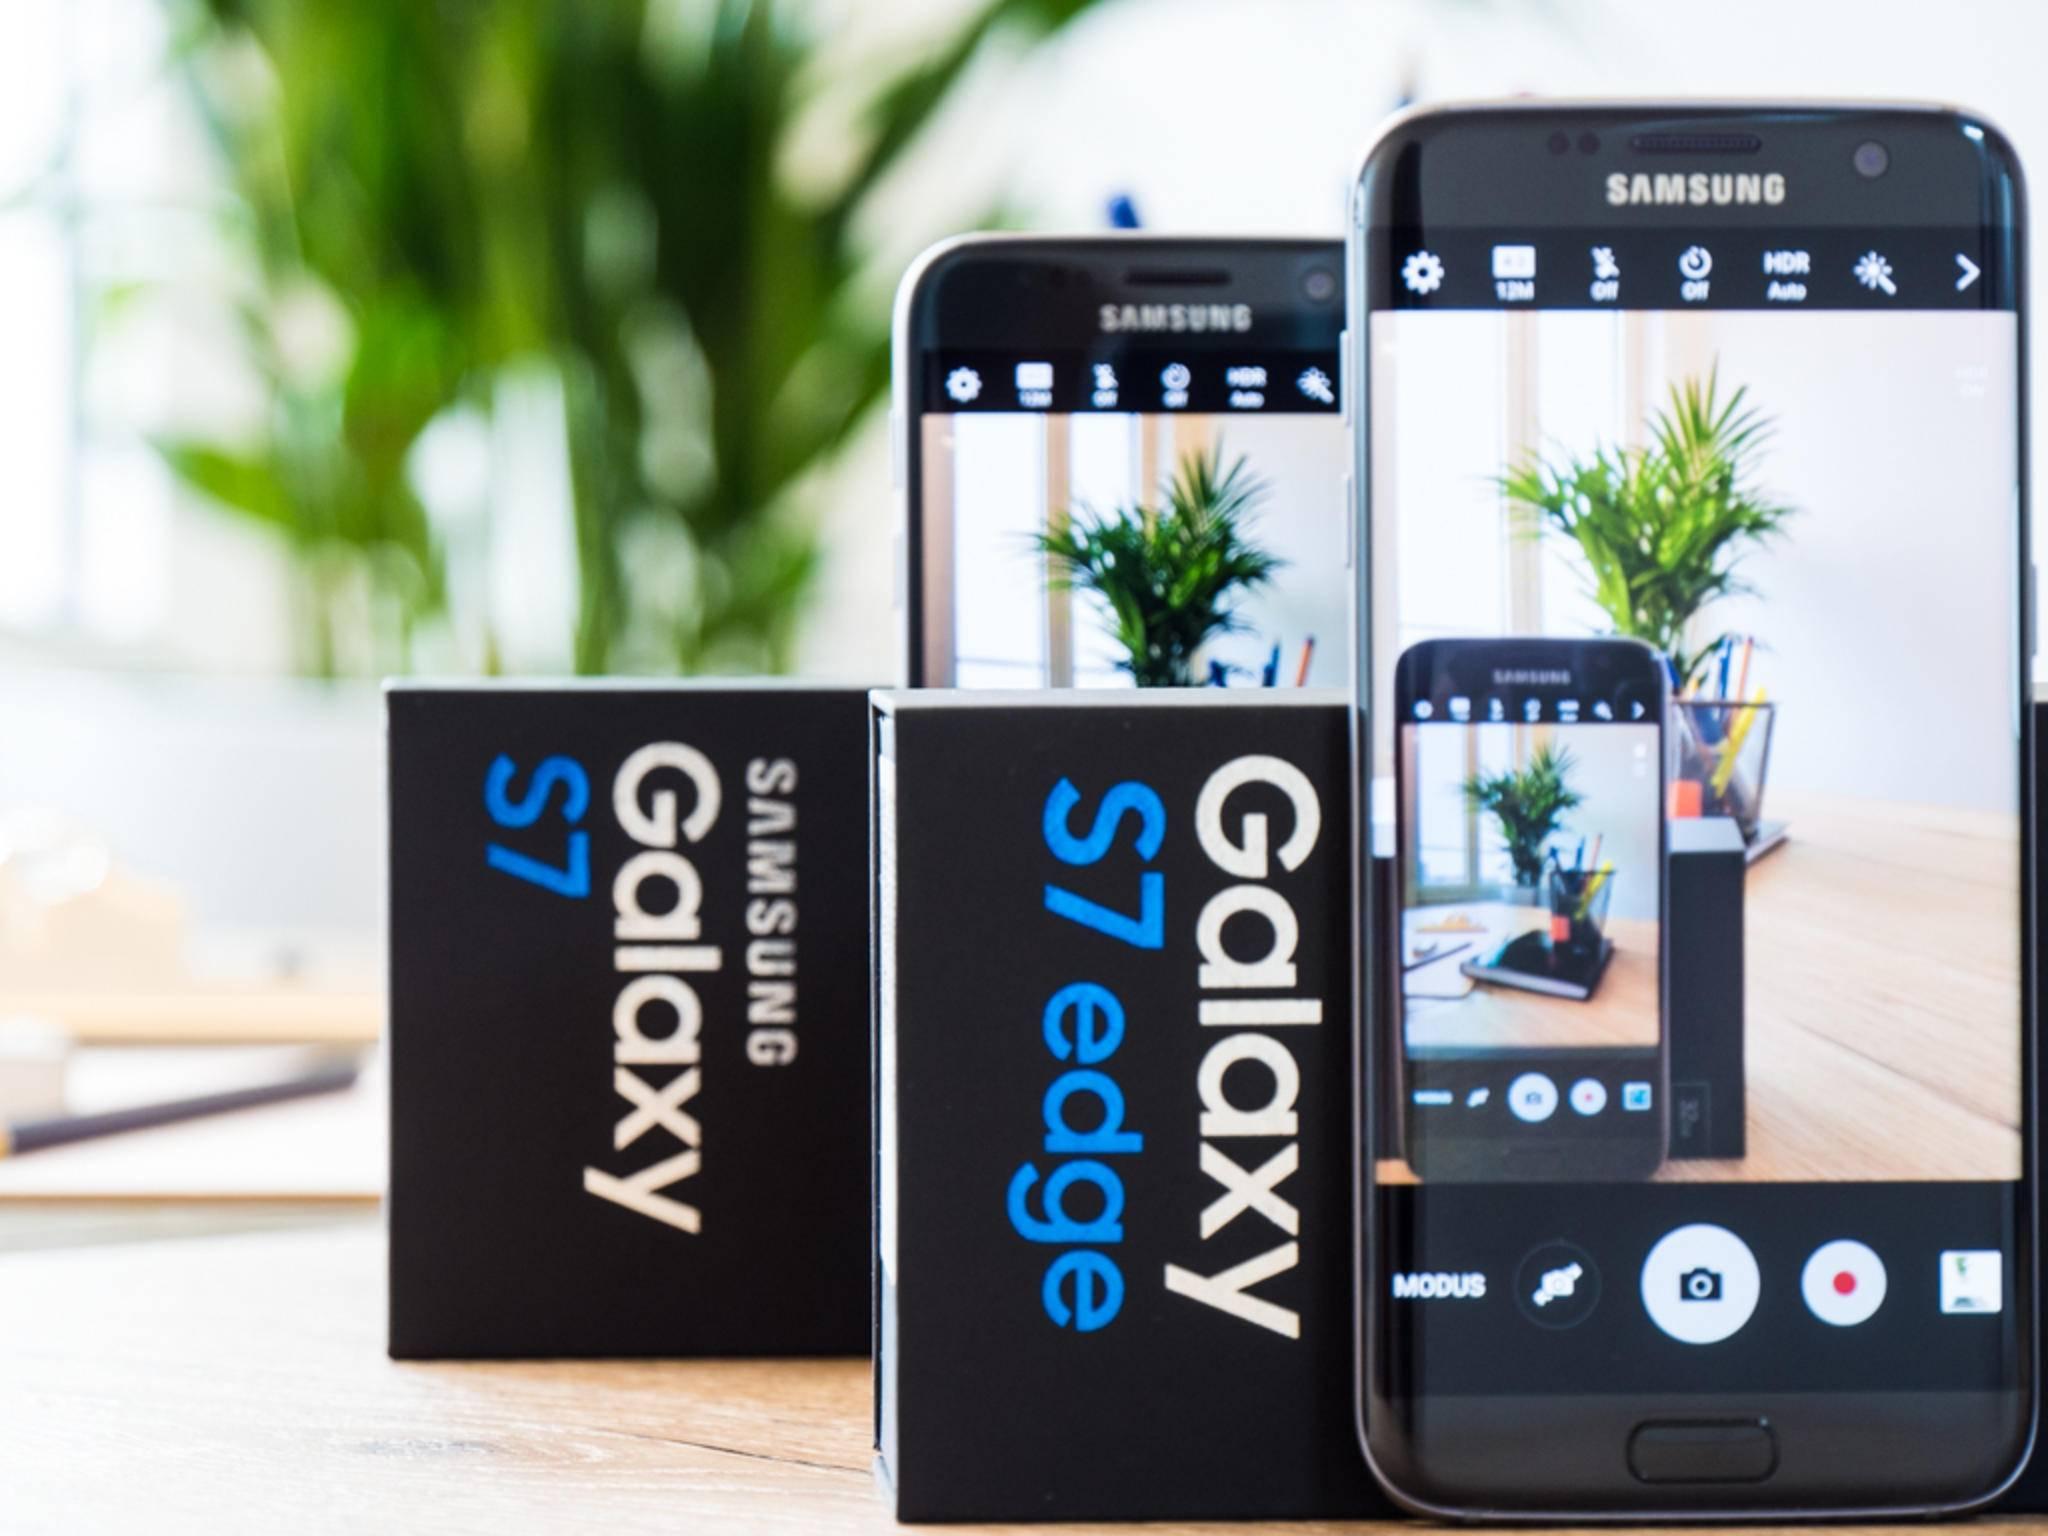 Die Galaxy S7-Familie ist der heißeste Kandidat für ein Update.